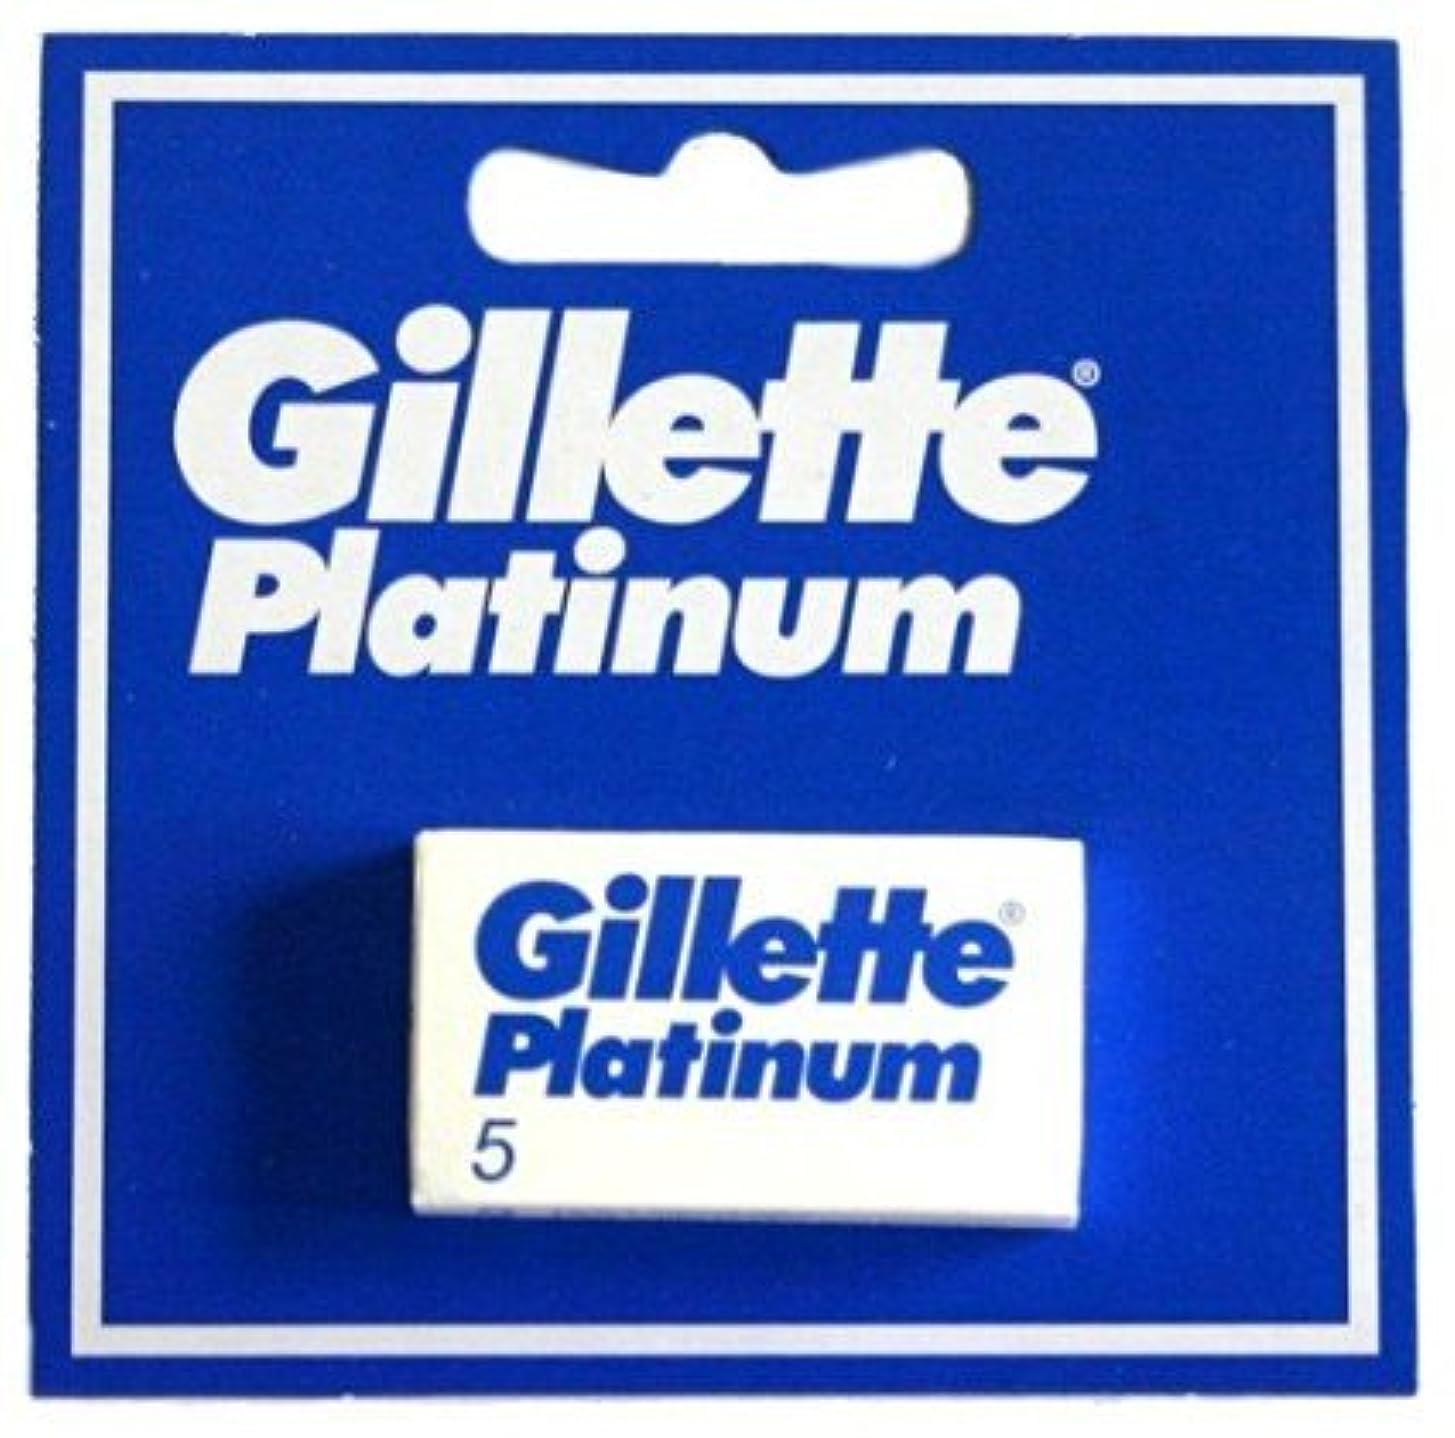 引数プロジェクター決済Gillette Platinum [プレミアムホワイトボックス版!] ジレット プラチナ 両刃替刃 20個入り (5*4) [海外直送品] [並行輸入品]